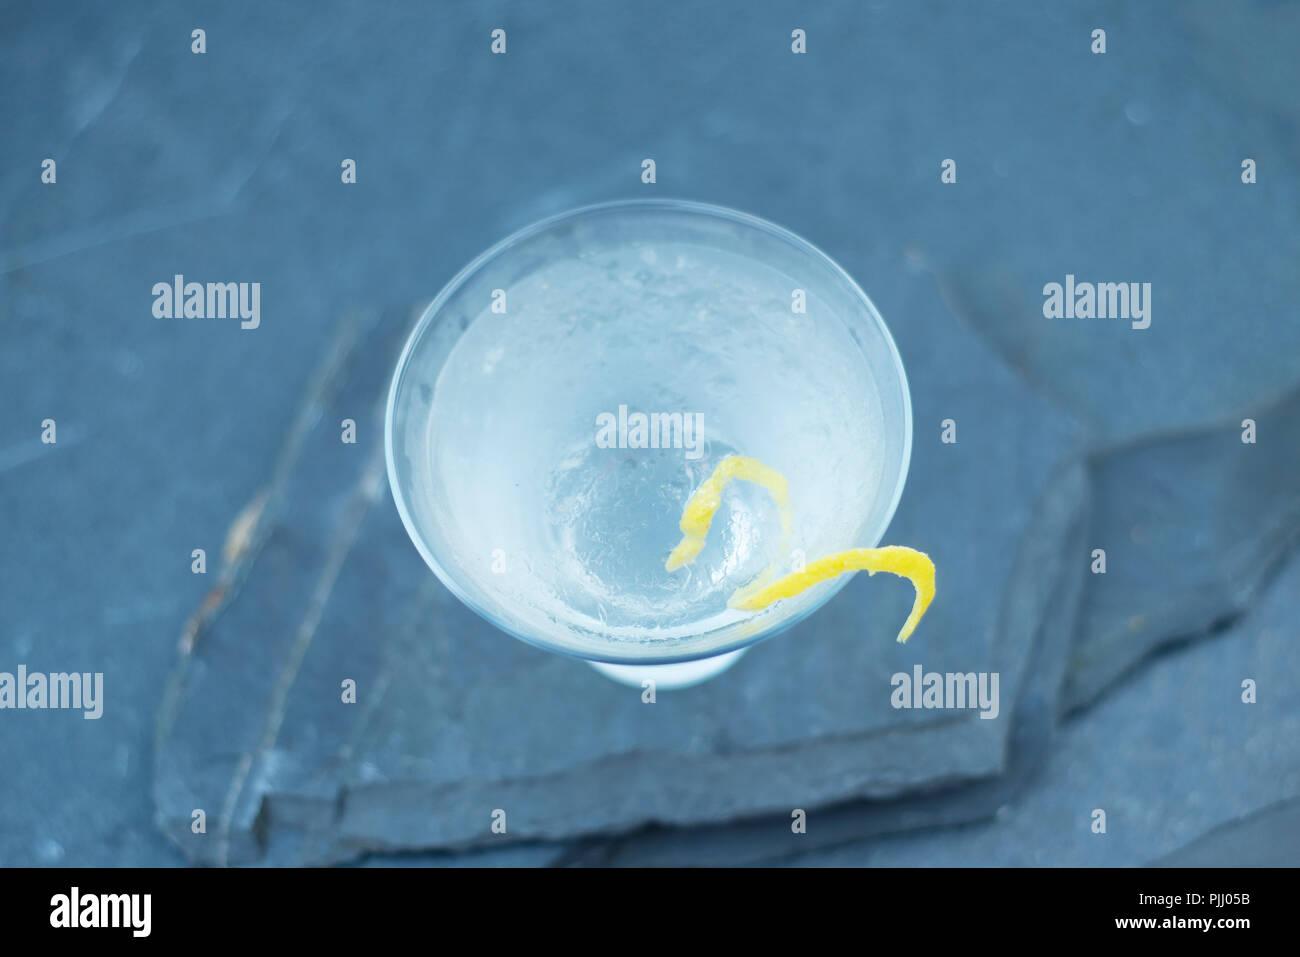 Sirotant une boisson vodka martini avec une torsion, secoué non remué, dans un verre à martini, au cours d'une arrière cour avec amis et famille. Photo Stock